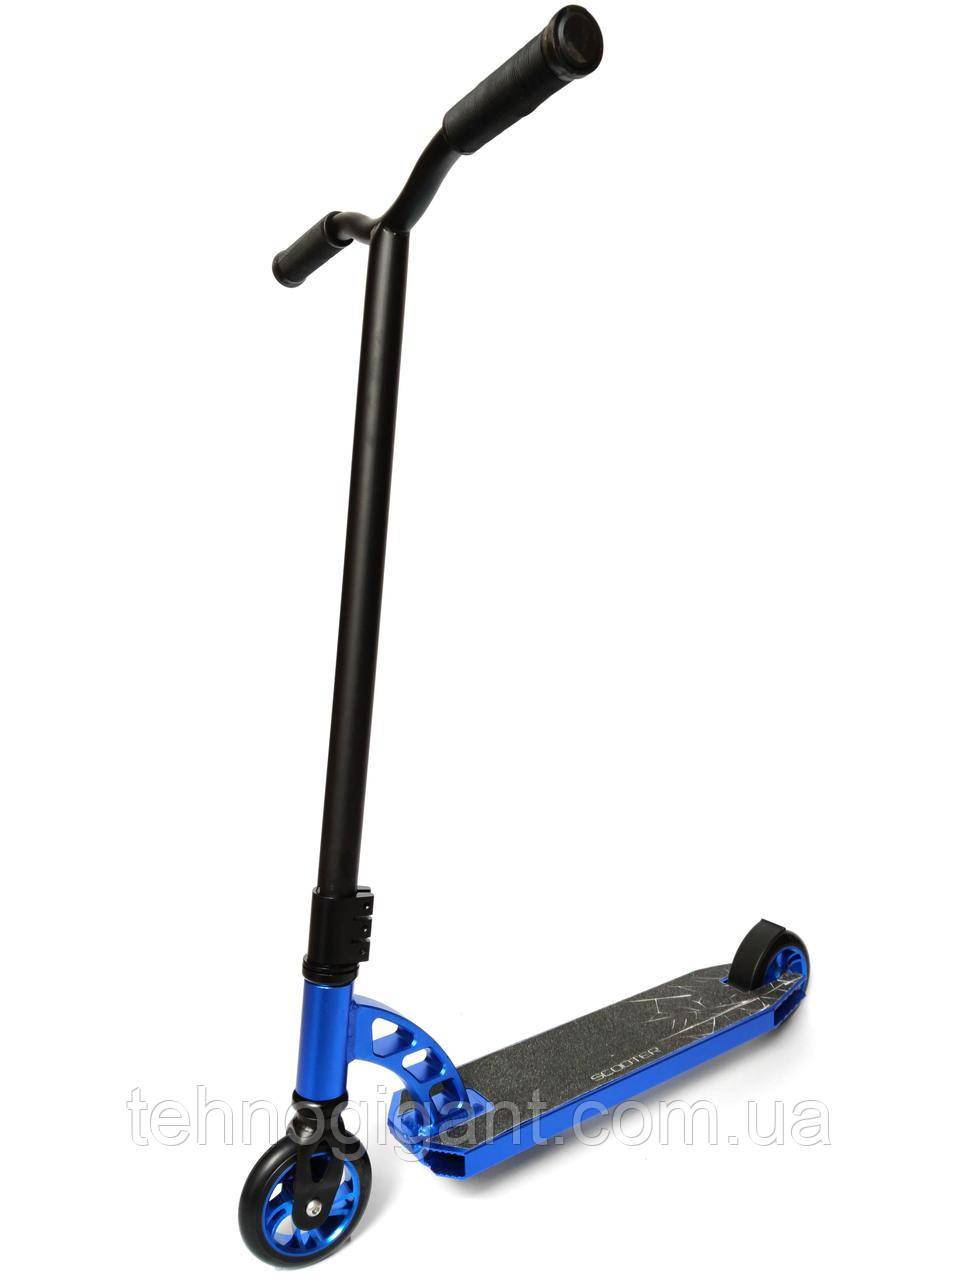 Трюковый Самокат отScooter–Aluminium Highest Profi 005P 110 мм Синий , колеса литые алюминий /полиуретан